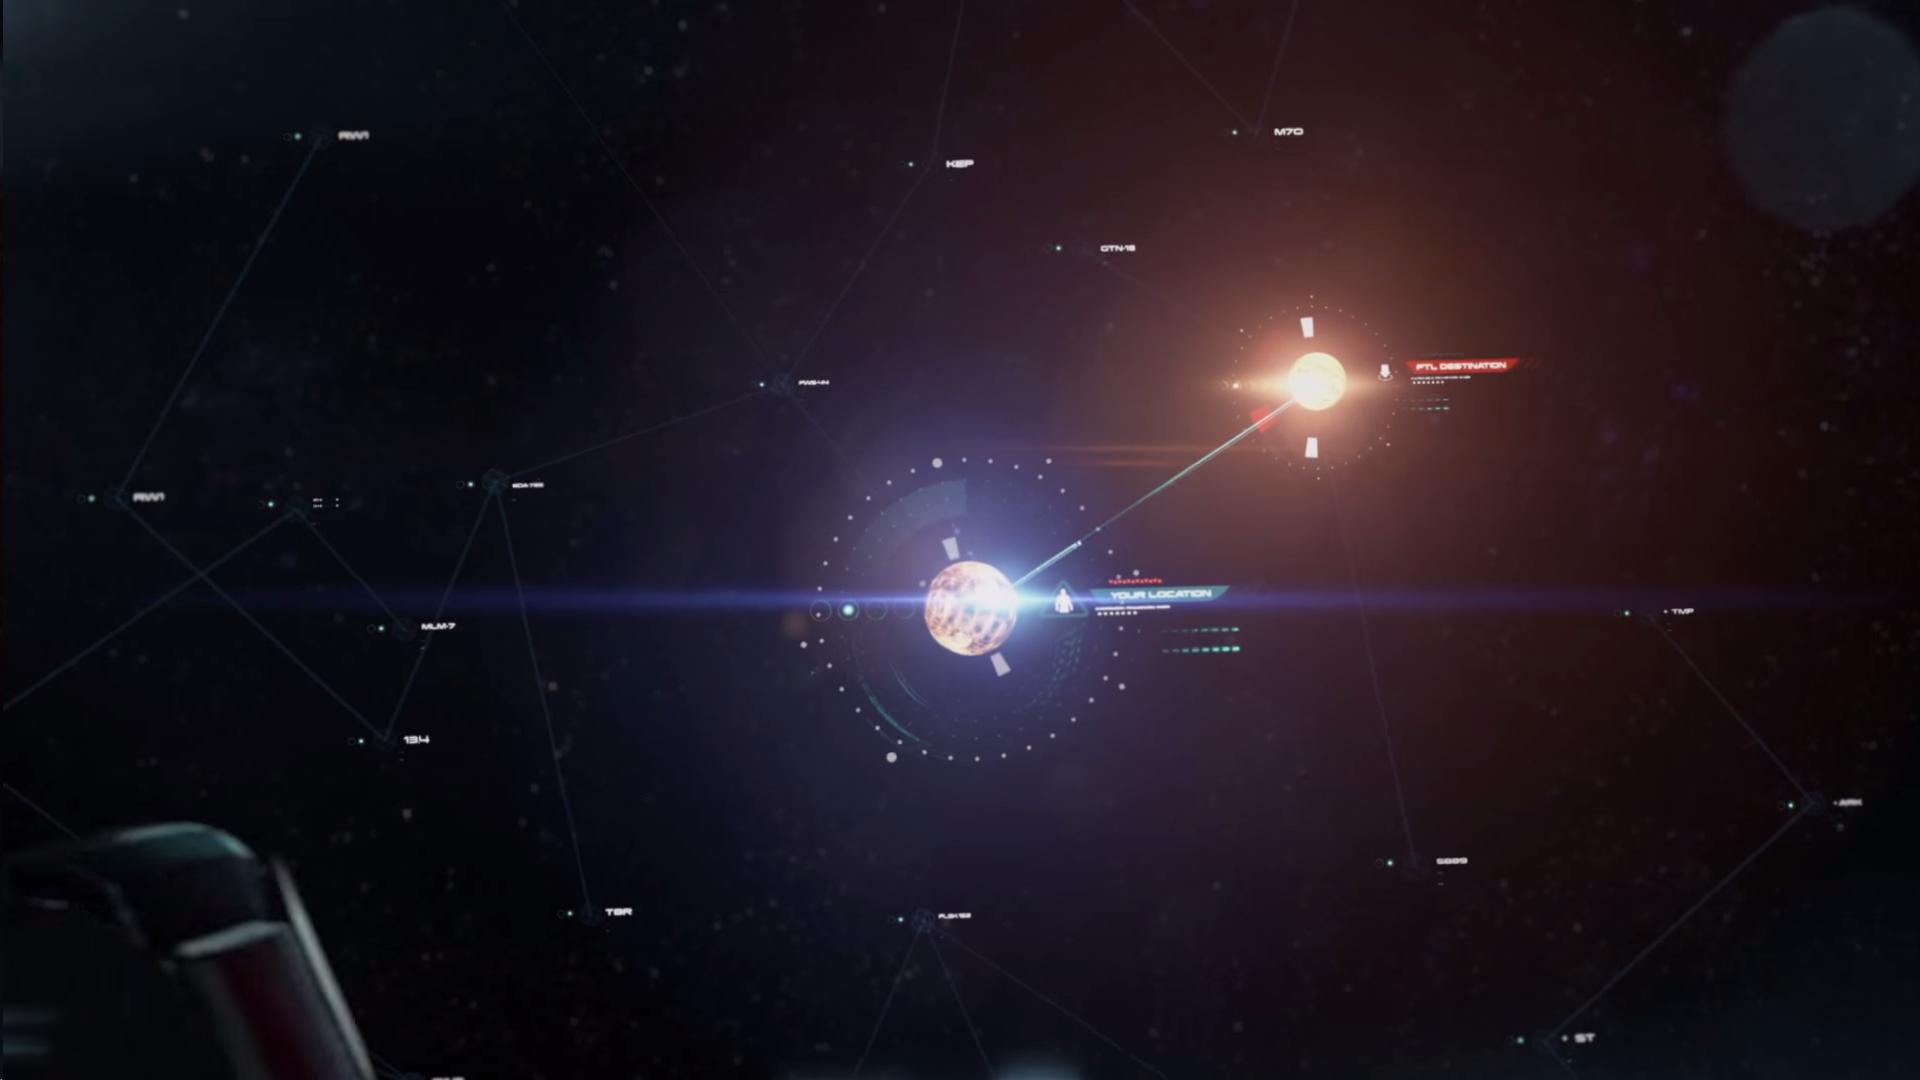 Lokalizowanie gwiazd i planet brzmi ciekawie